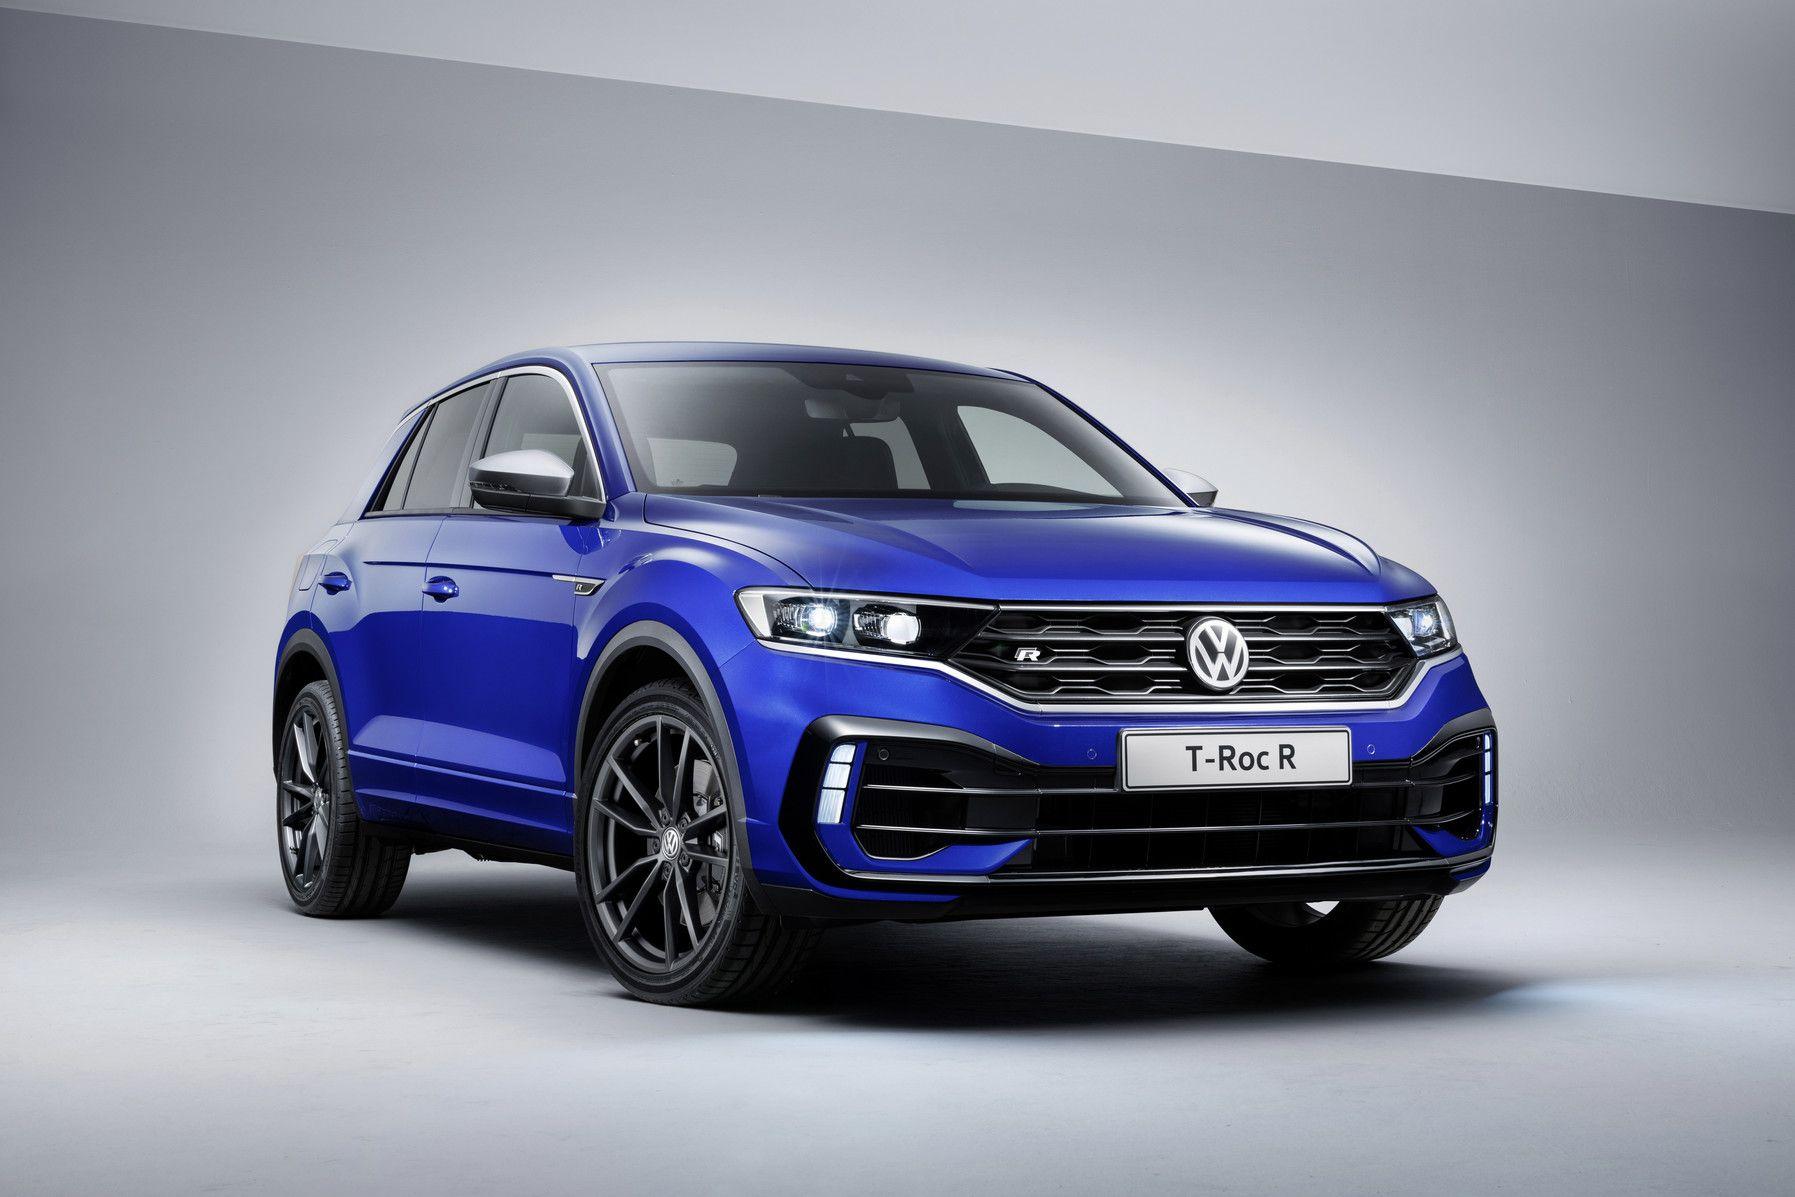 Volkswagen T Roc R Revealed With 296 Hp 221 Kw Tiguan R Line Tiguan R Volkswagen